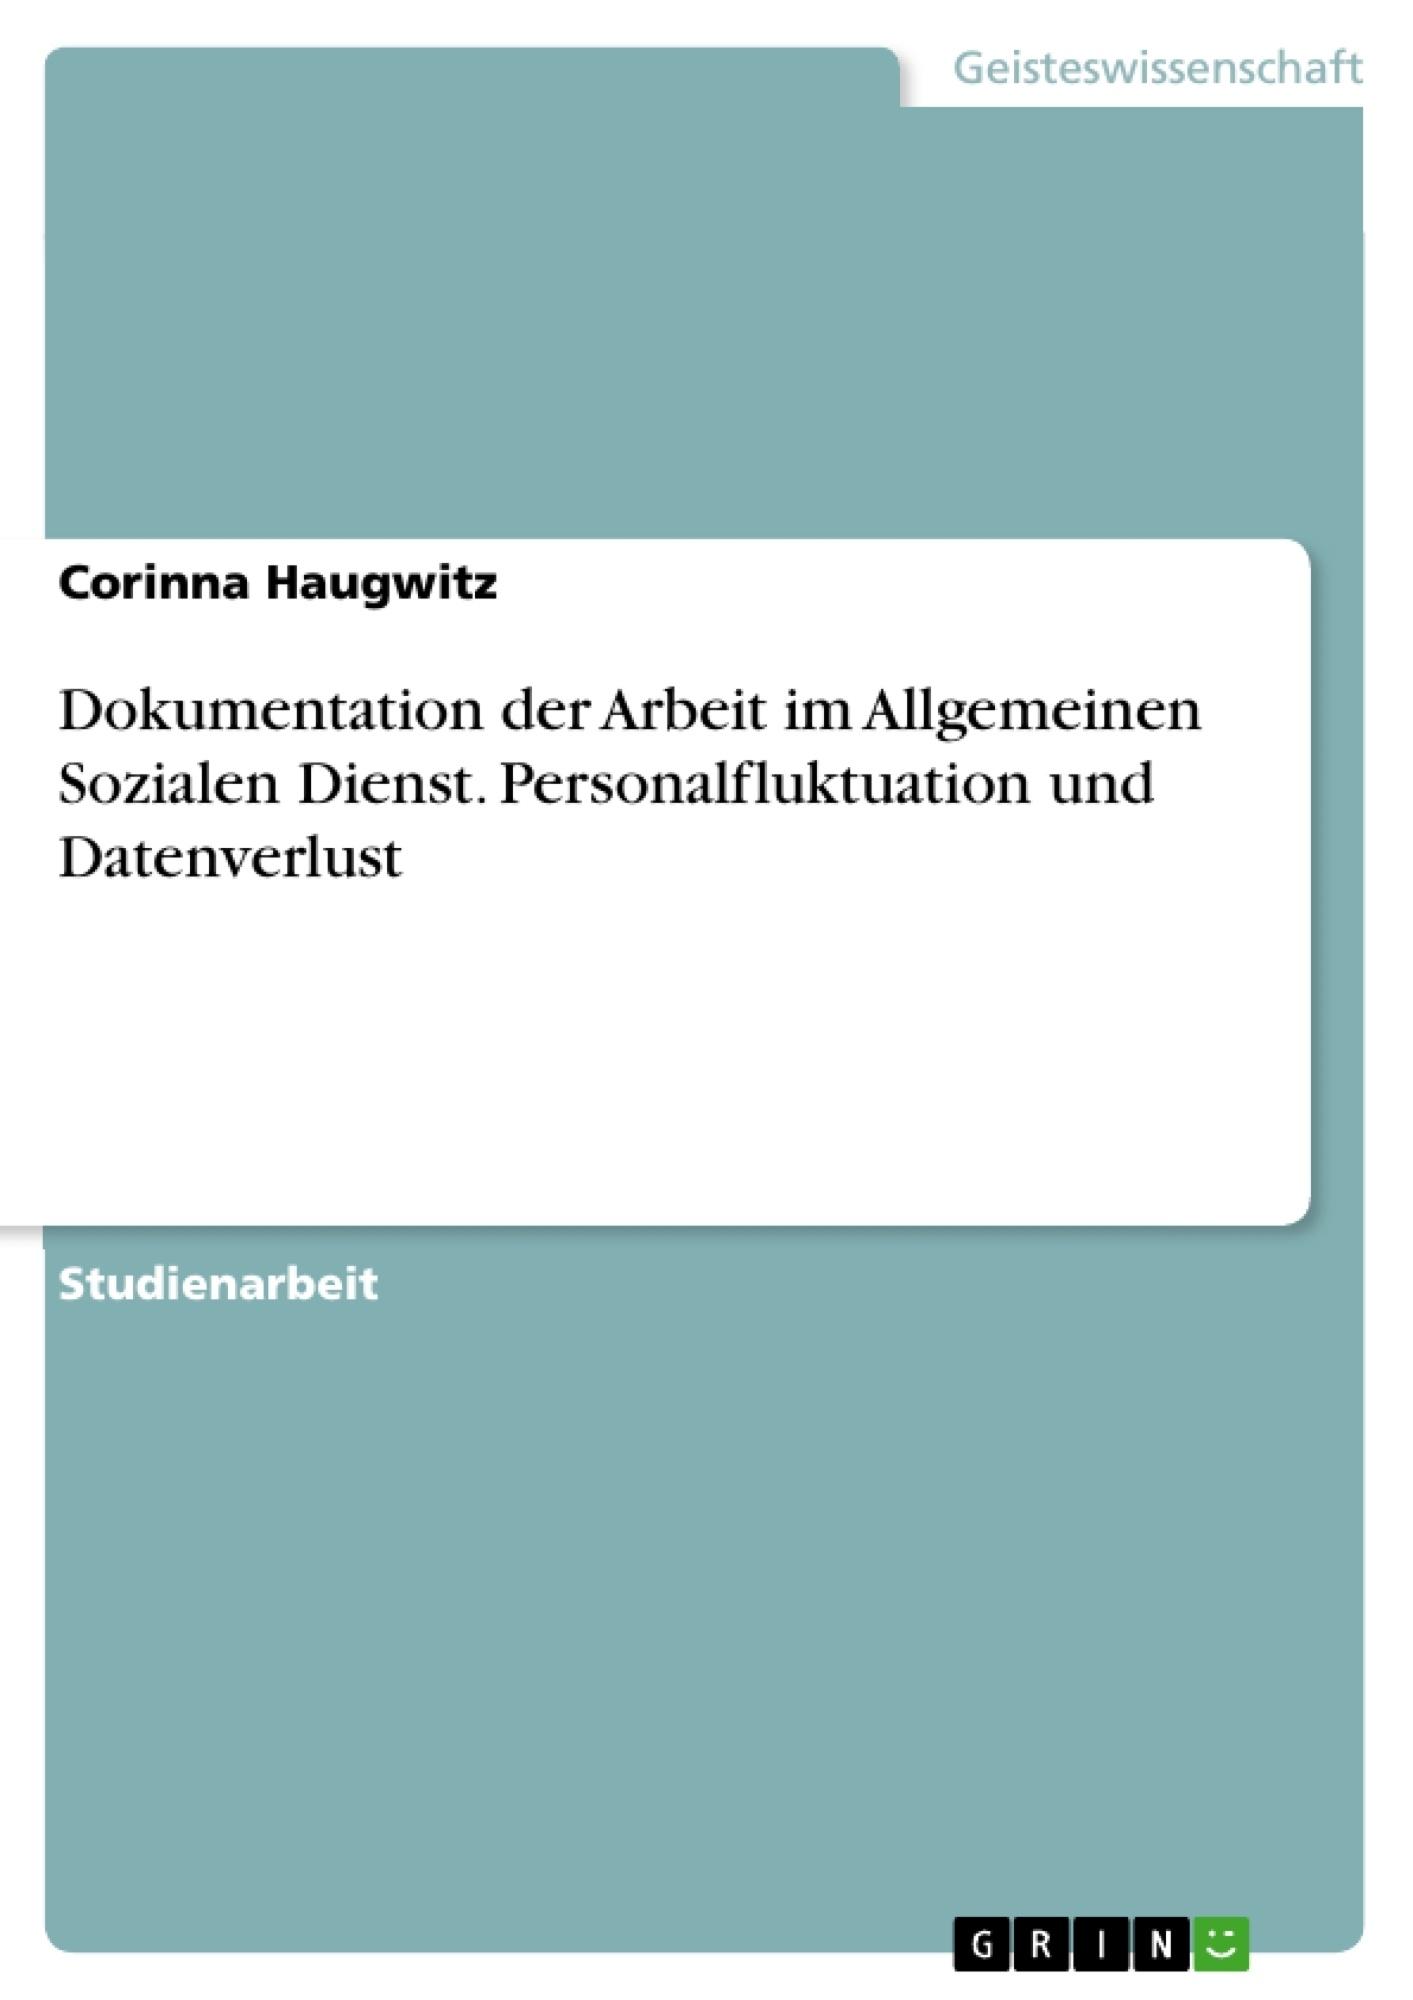 Titel: Dokumentation der Arbeit im Allgemeinen Sozialen Dienst. Personalfluktuation und Datenverlust